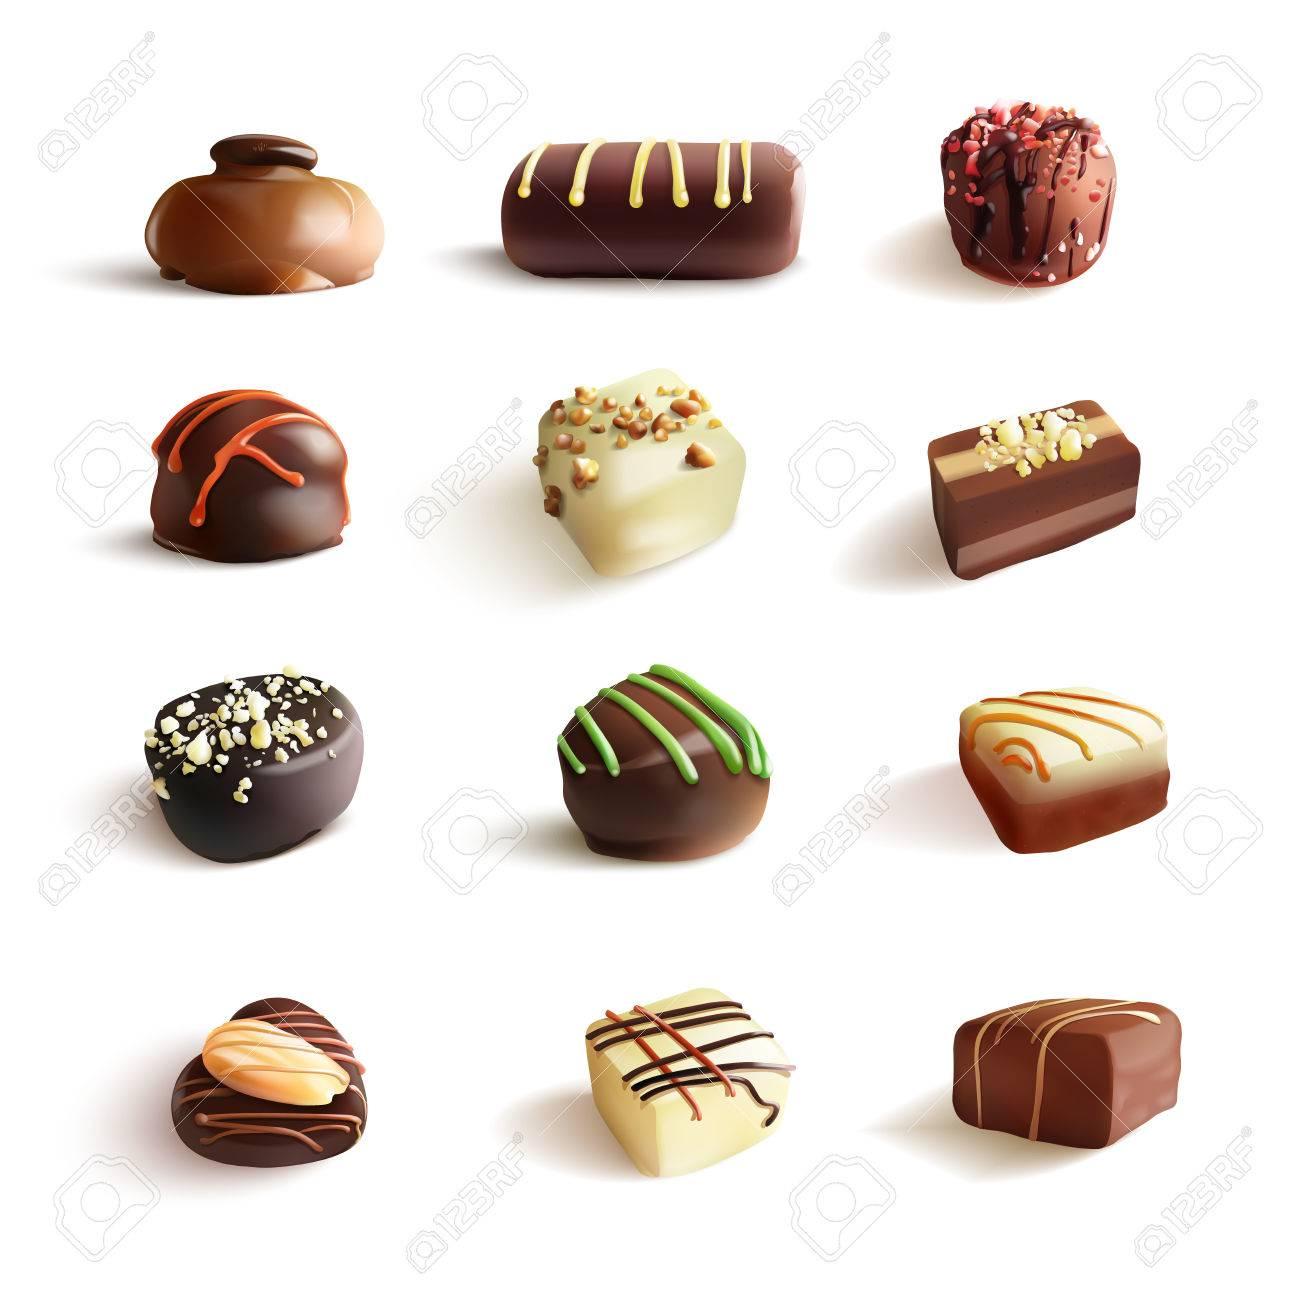 チョコレート菓子の大きなセット ベクトルのリアルなイラストです 白で隔離のイラスト素材 ベクタ Image